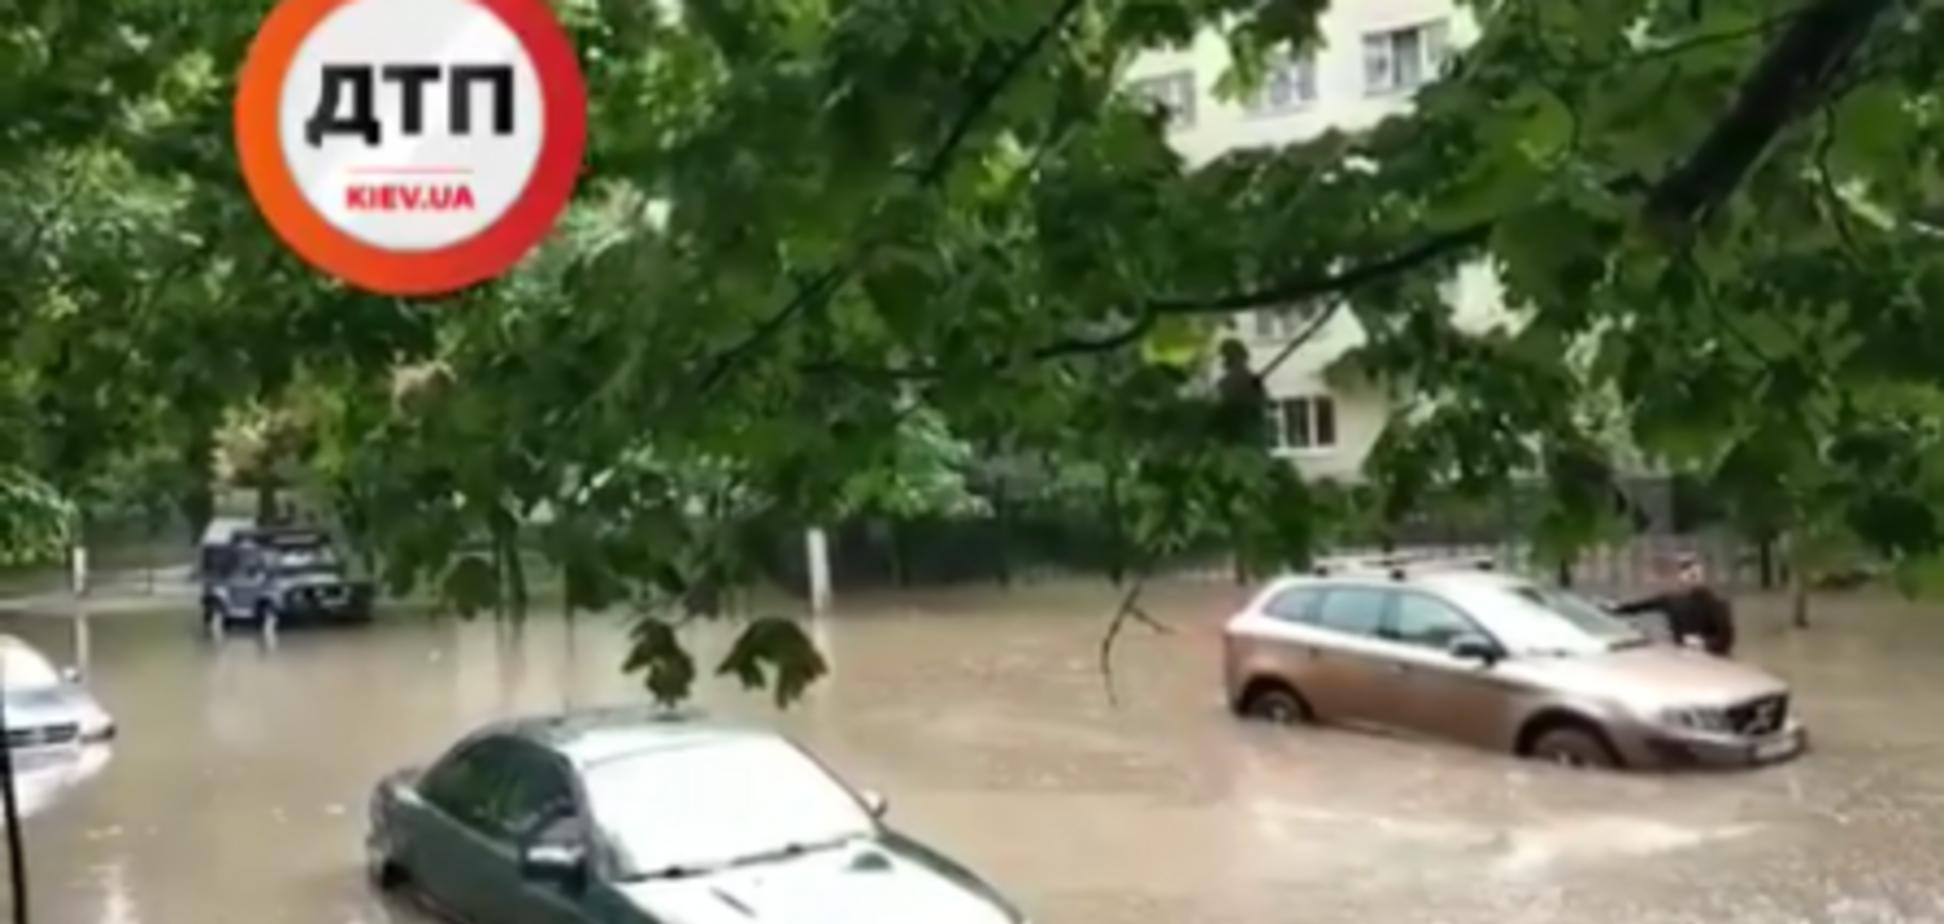 Киев затопило мощным ливнем: фото и видео